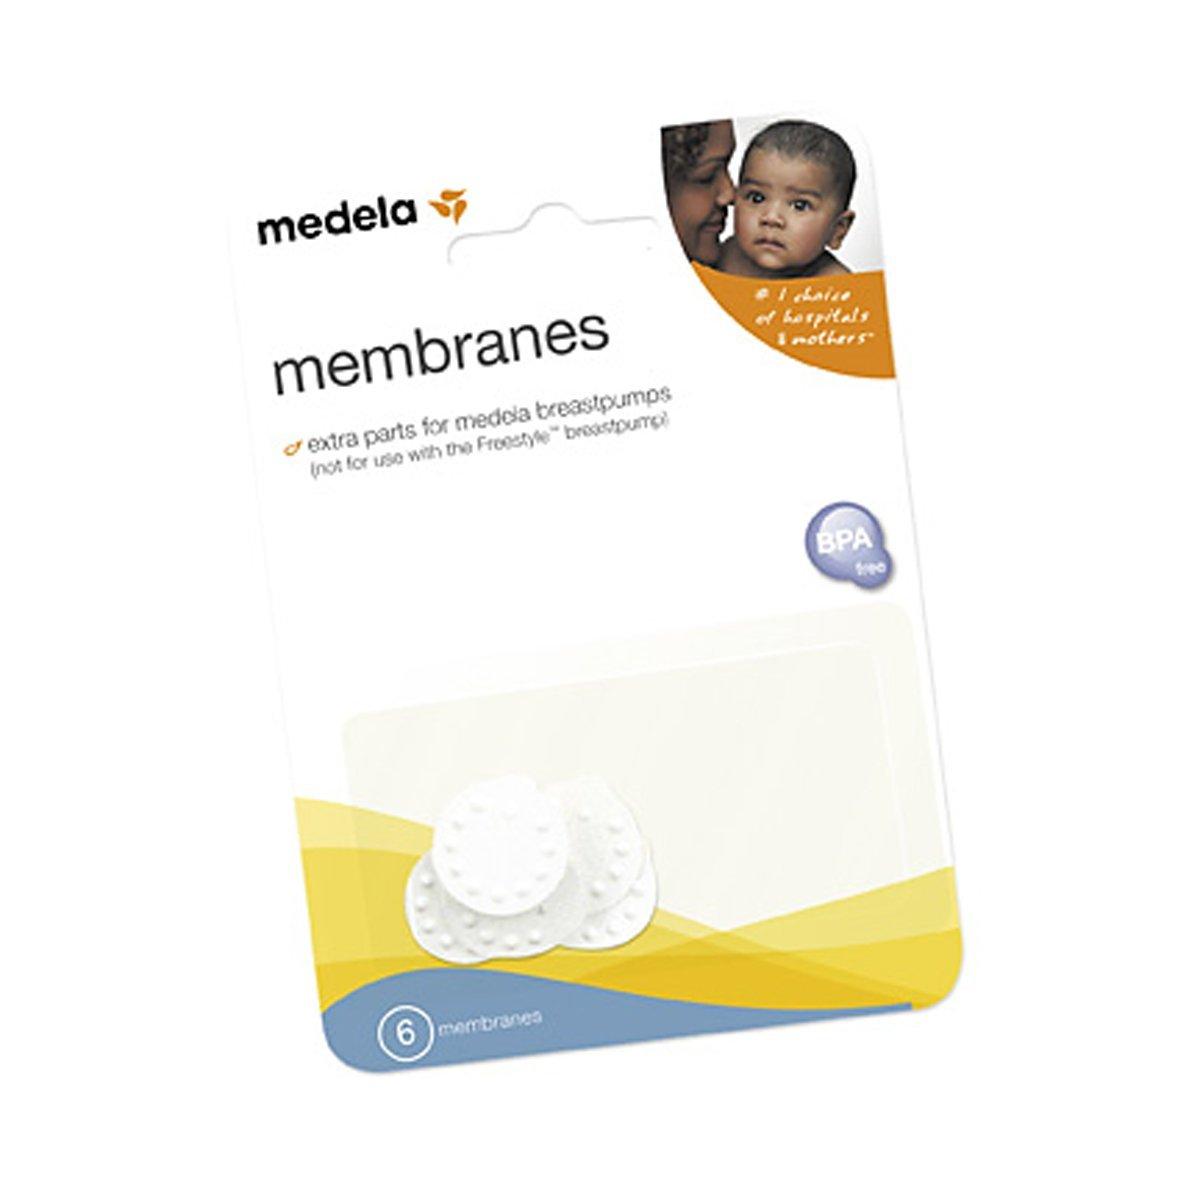 เมมเบรน สำหรับเครื่องปั๊มนม Medela แพค 6 ชิ้น (Medela Membrane Set of 6 )